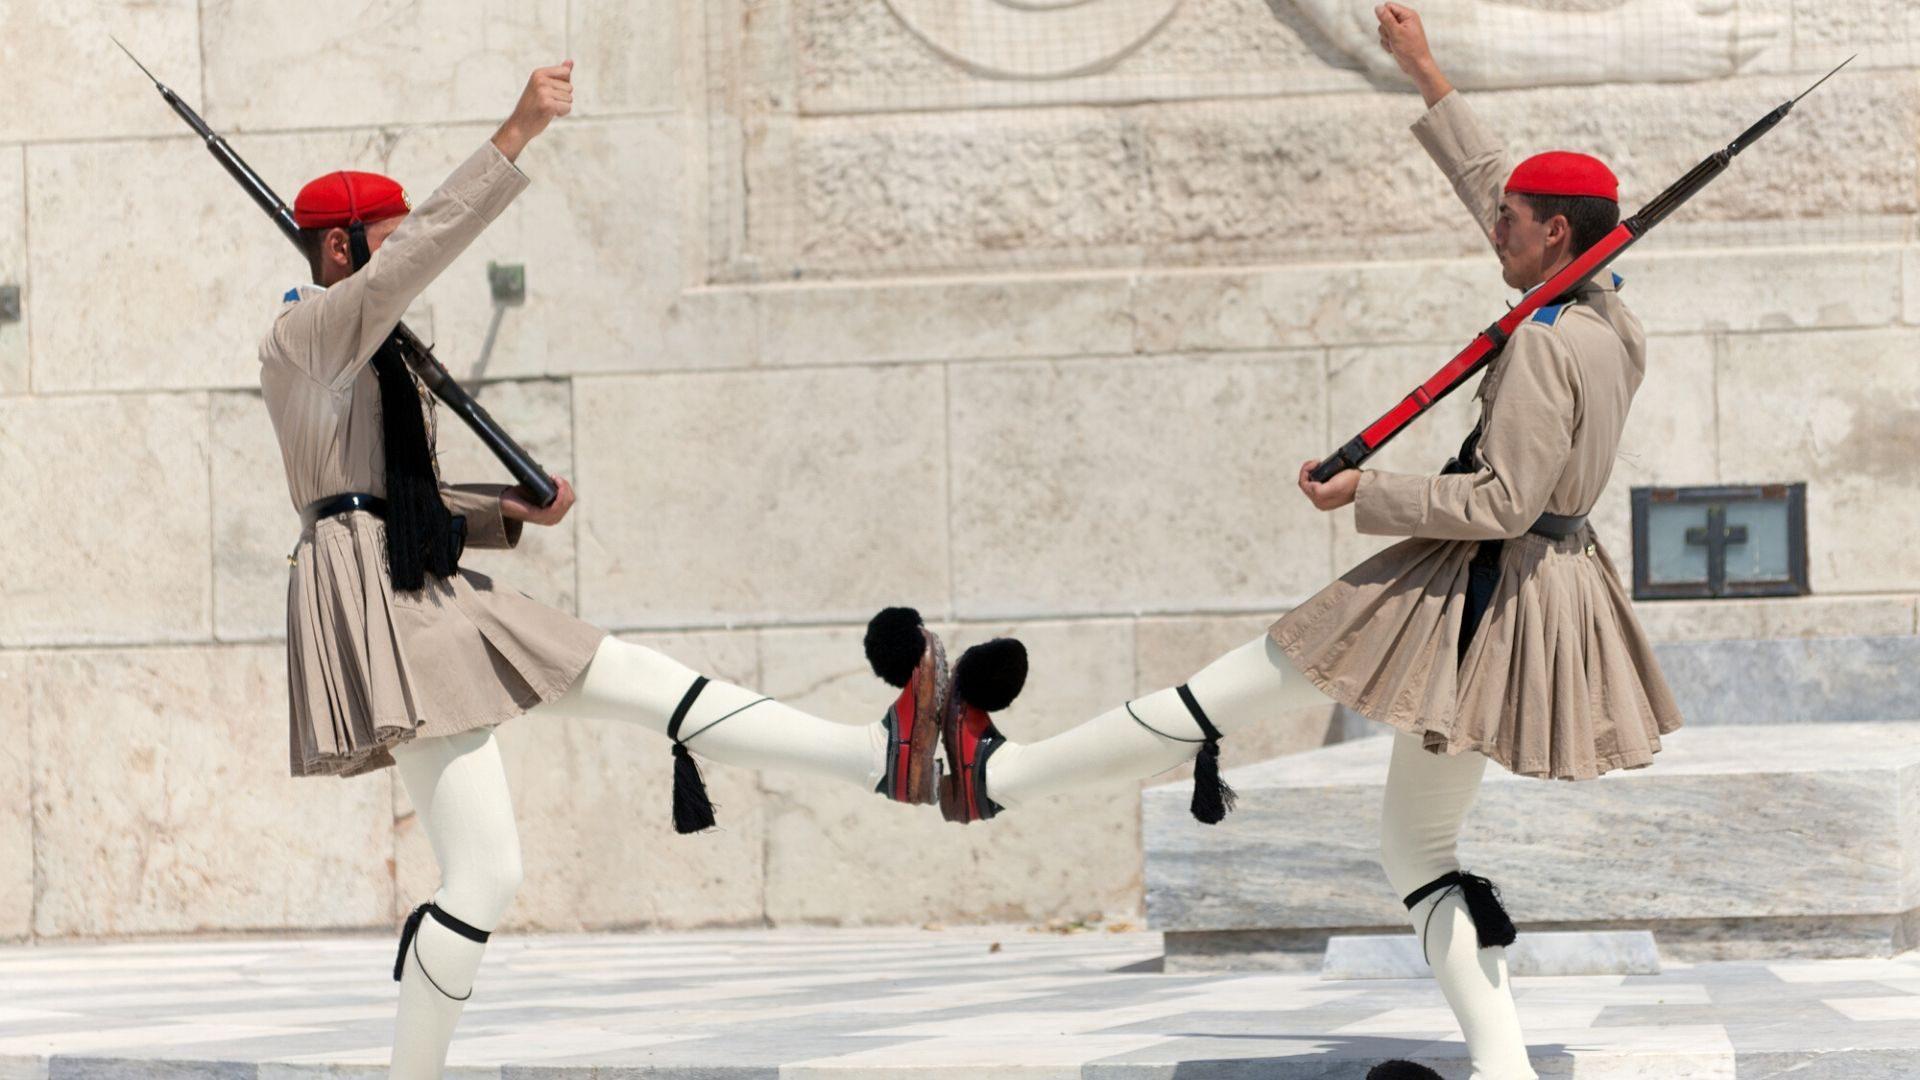 Karališkųjų rūmų sargybininkų pasikeitimo ceremonija – išskirtinis reginys, kurį mėgsta stebėti miesto svečiai